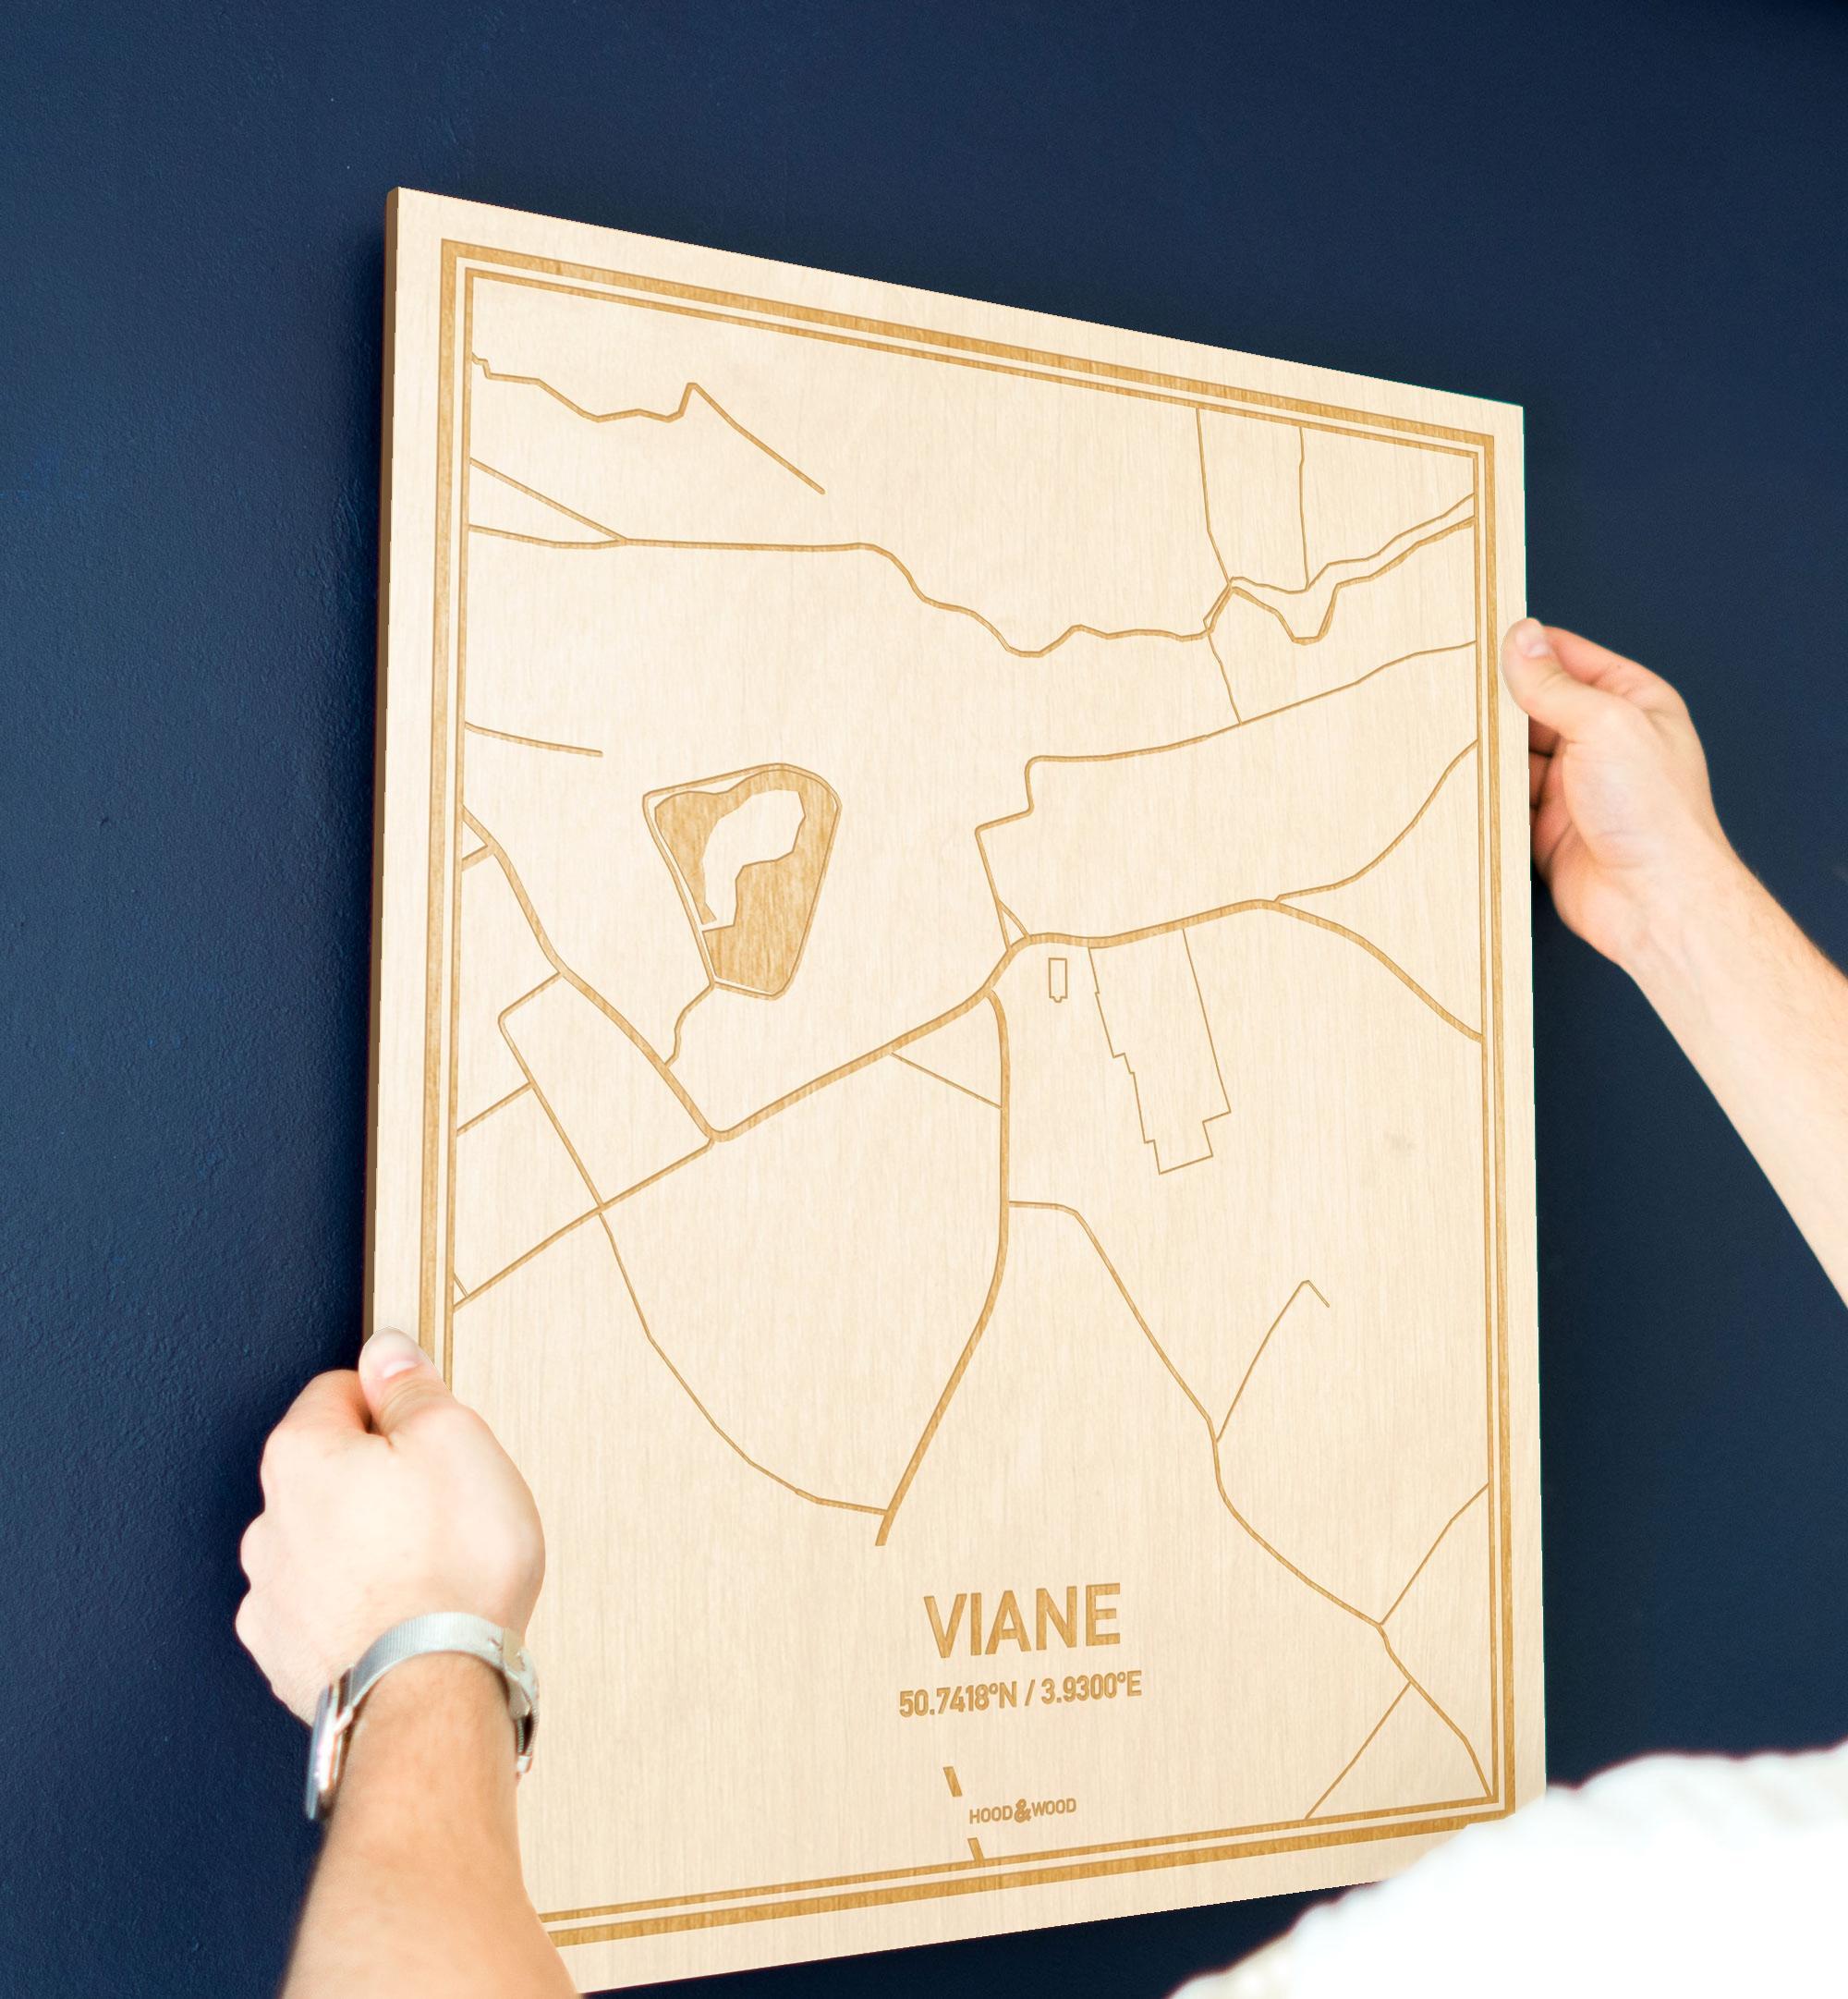 Een man hangt de houten plattegrond Viane aan zijn blauwe muur ter decoratie. Je ziet alleen zijn handen de kaart van deze originele in Oost-Vlaanderen  vasthouden.